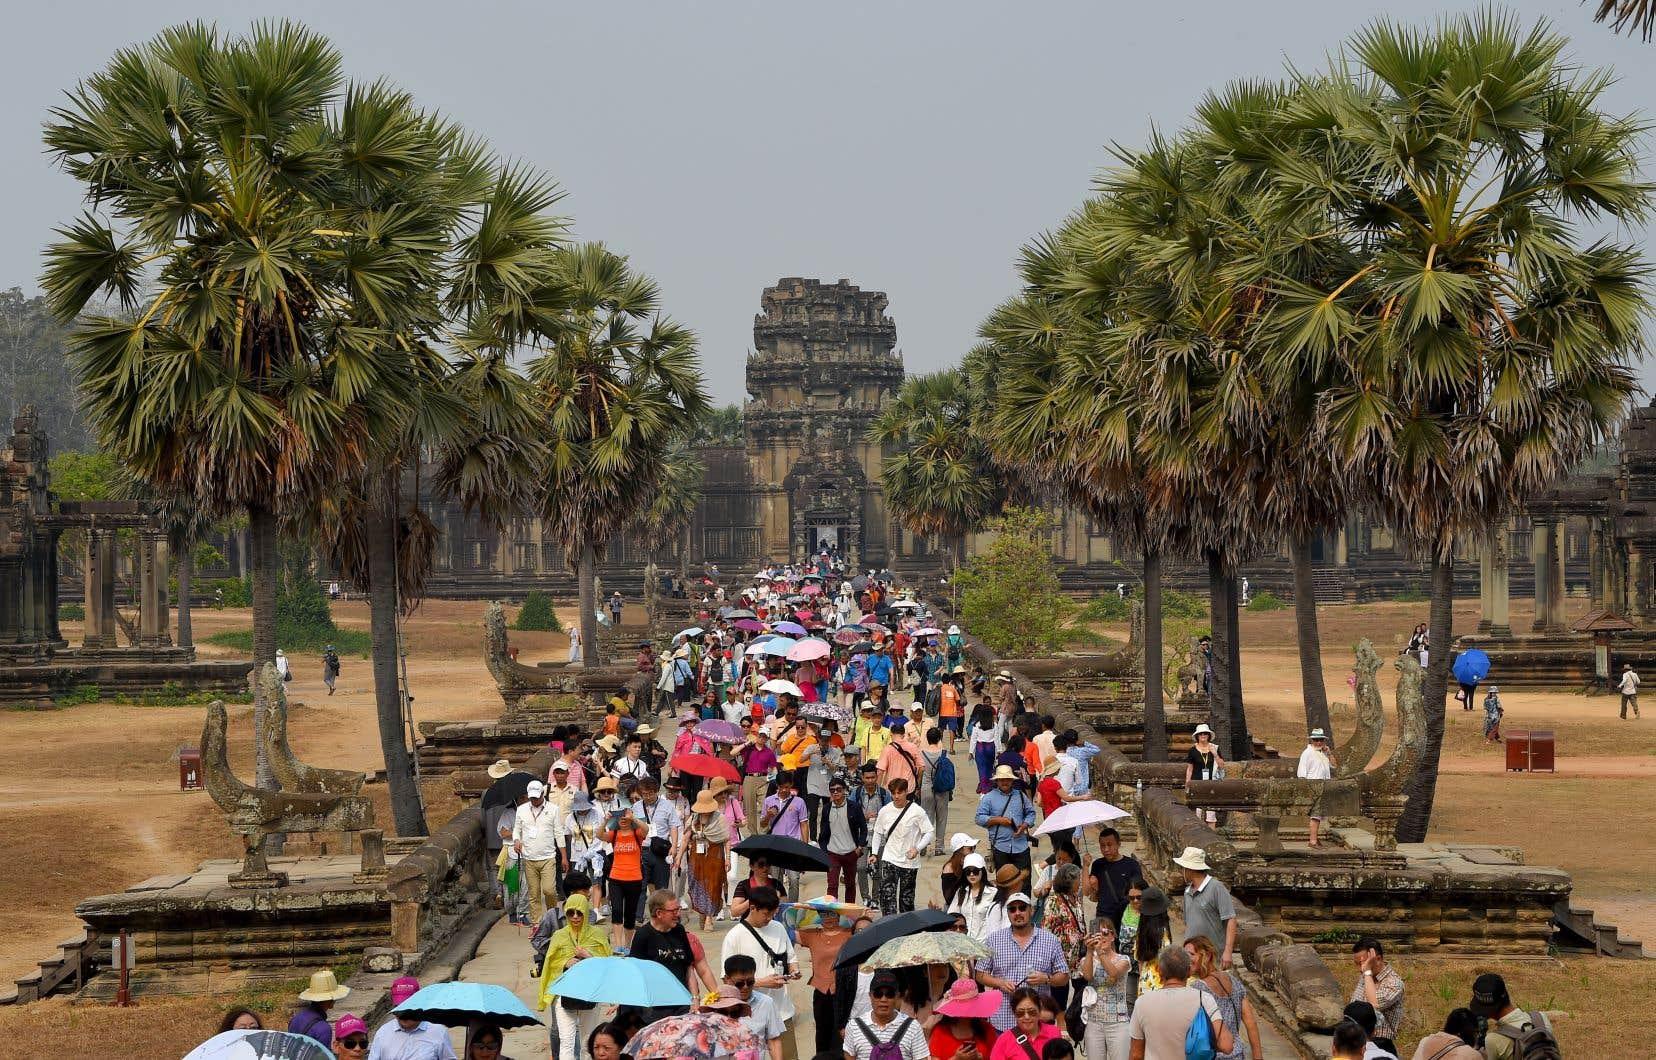 Une foule de touristes visitant le temple d'Angkor Wat, au Cambodge, au printemps 2019